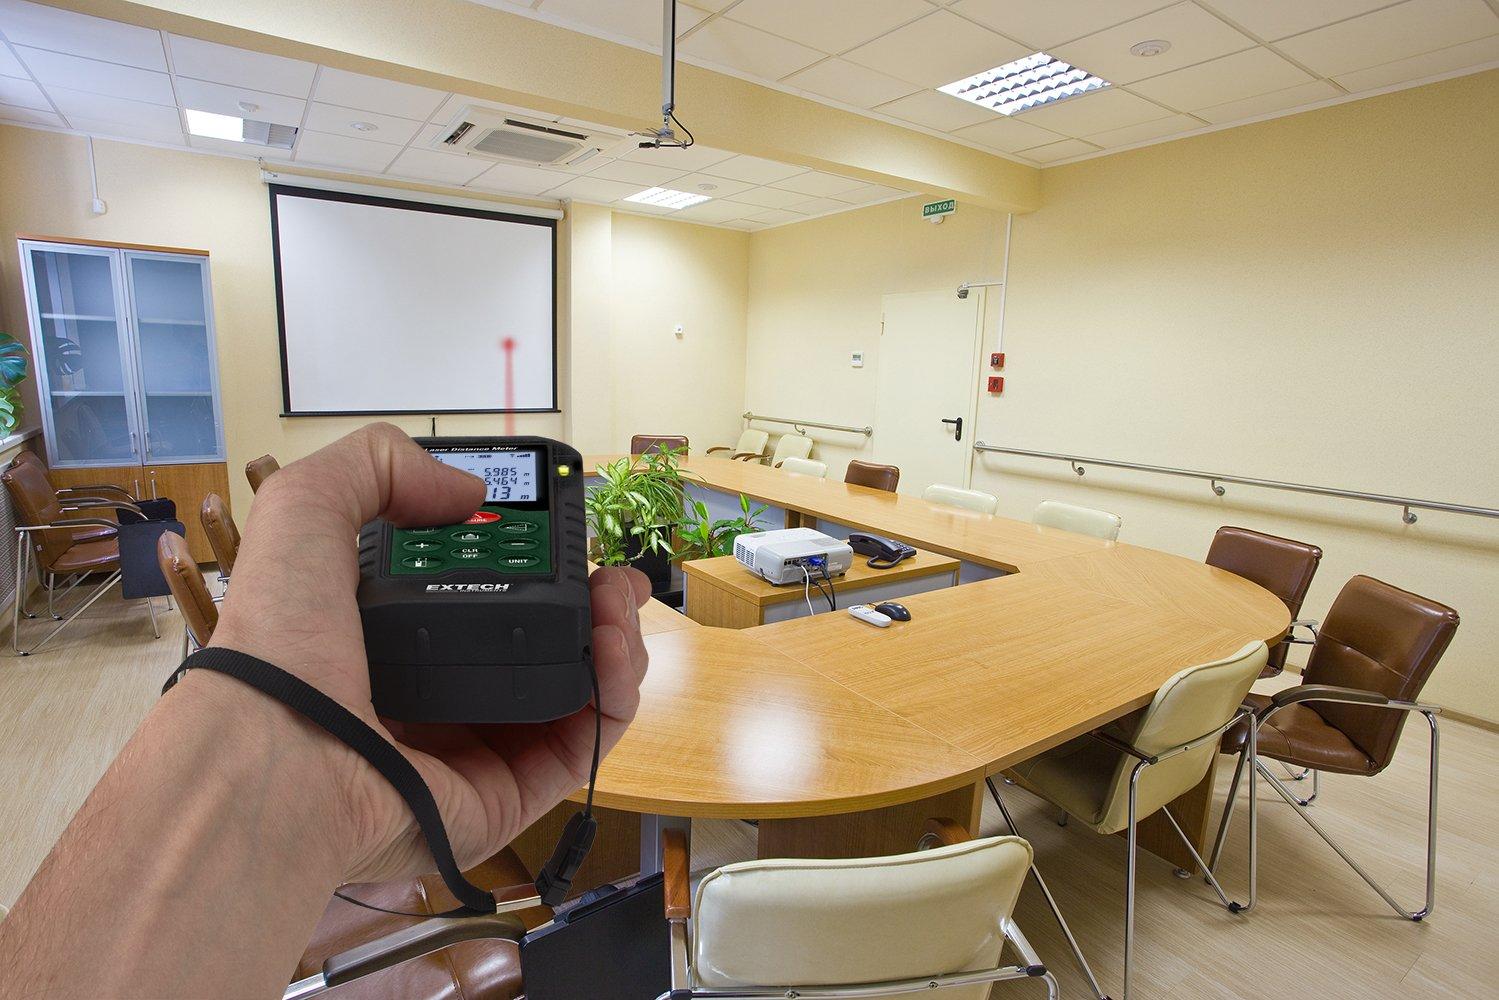 Laser Entfernungsmesser Baumarkt : Willkommen auf laser entfernungsmesser abc